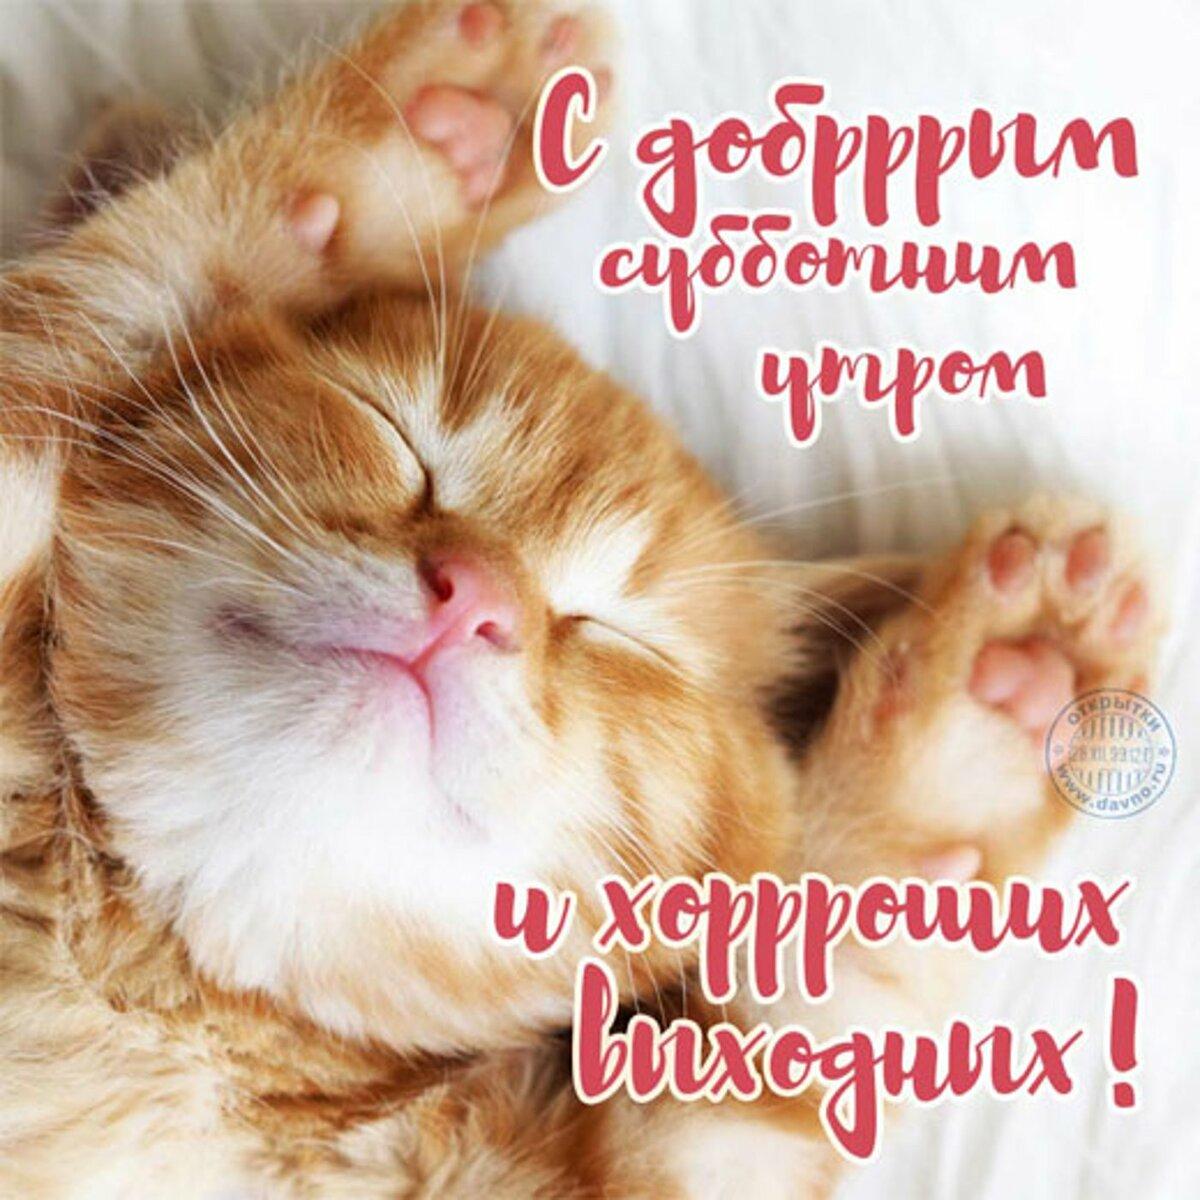 Пожелание доброго утра и хороших выходных